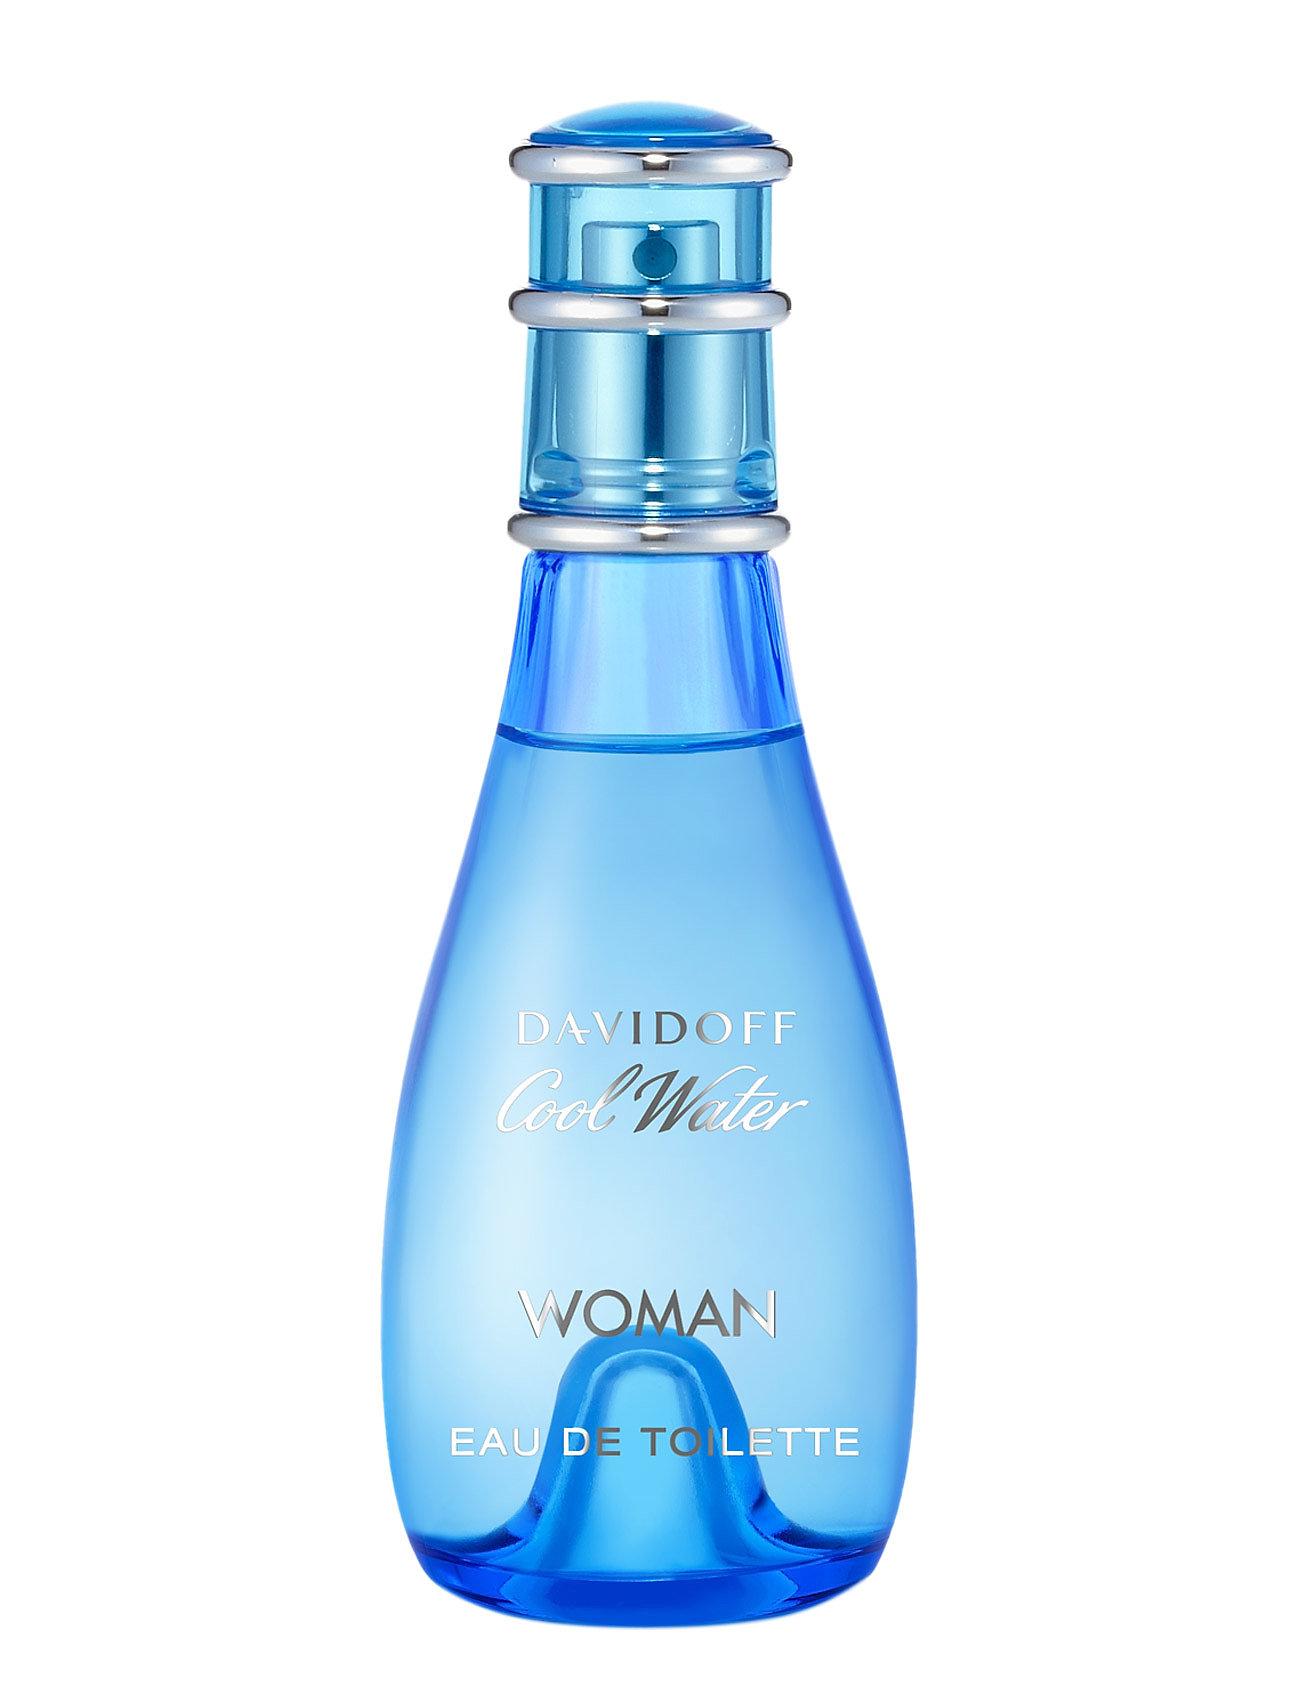 davidoff – Davidoff cool water woman eau de to på boozt.com dk